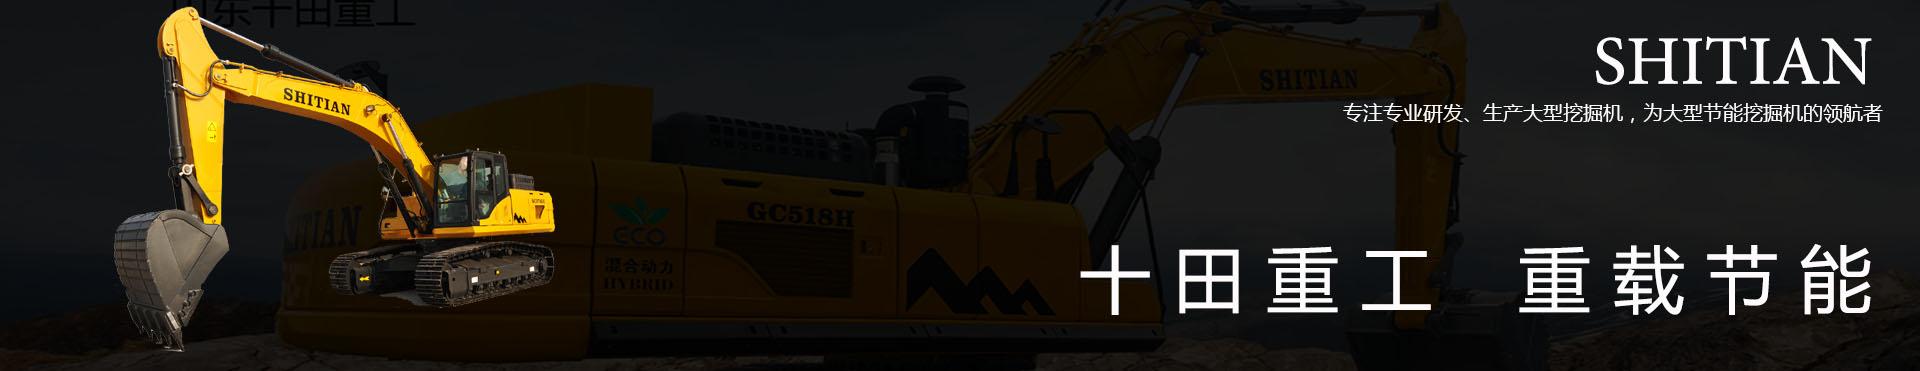 挖掘机的价格